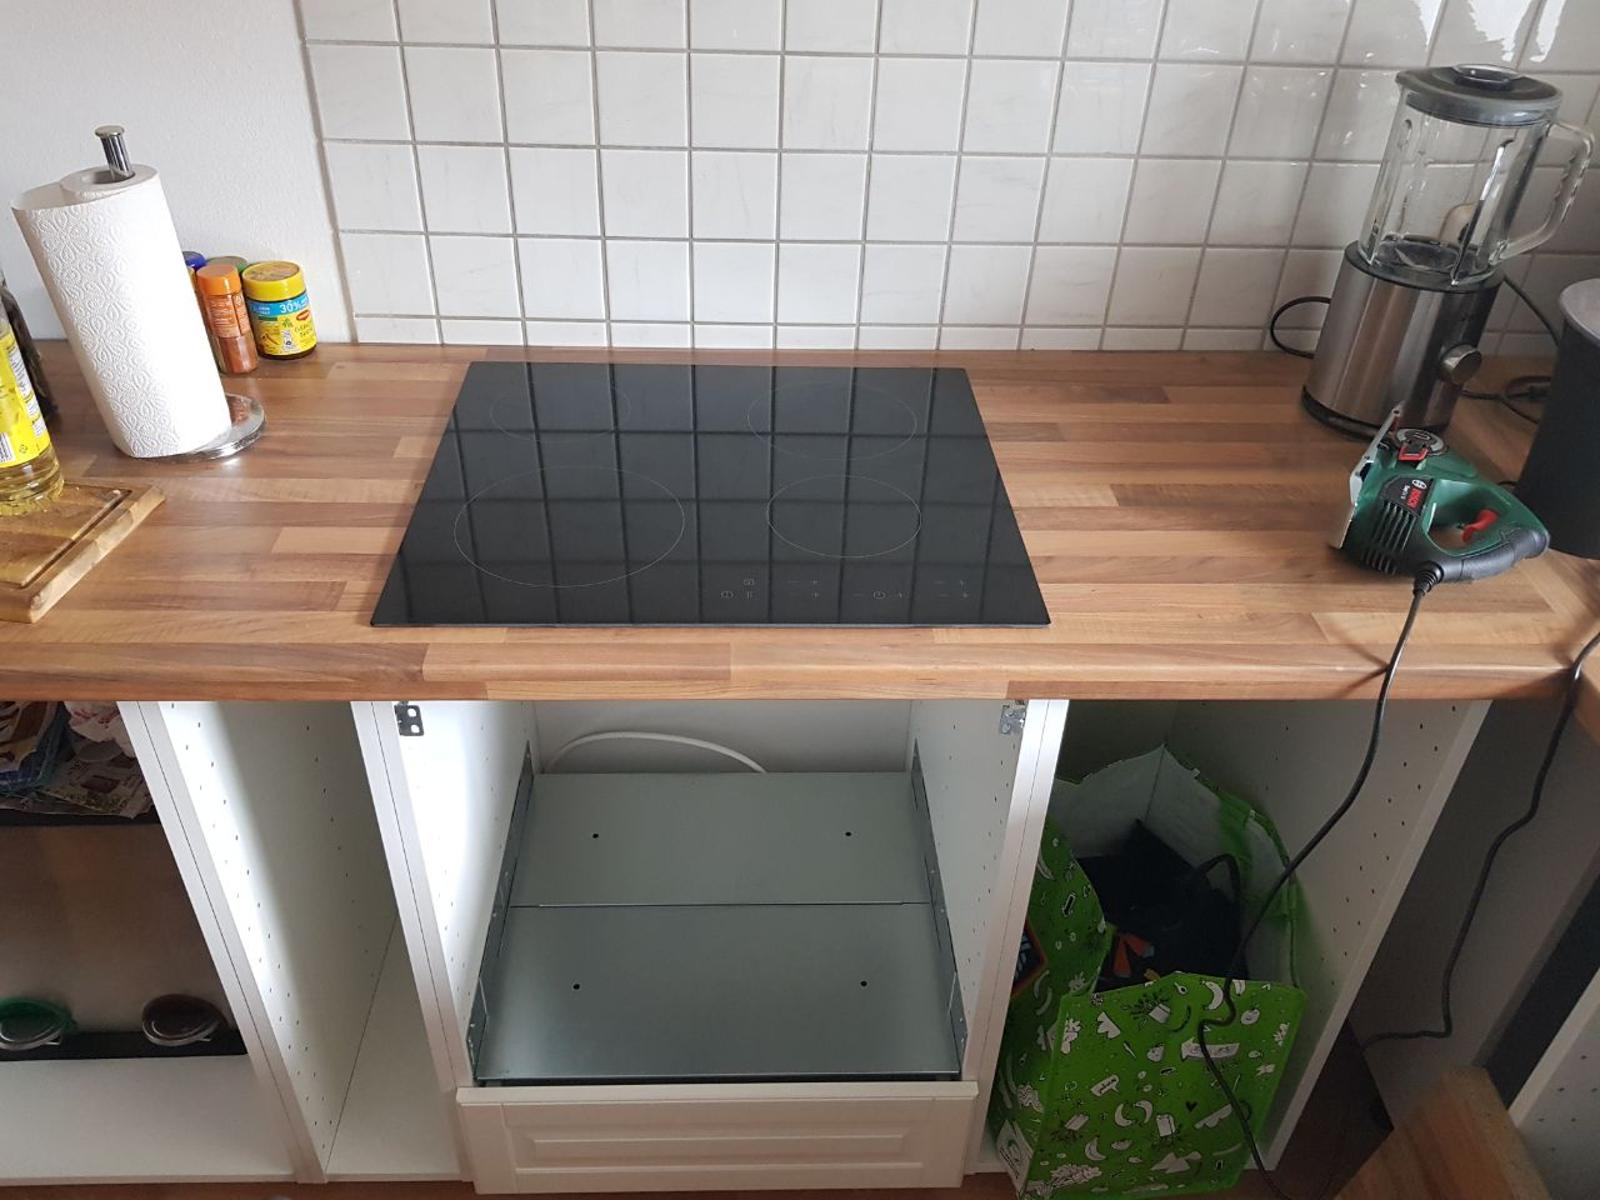 Si las medidas del hueco están bien hechas, la cocina encaja muy fácilmente. Es dejarla caer con cuidado.